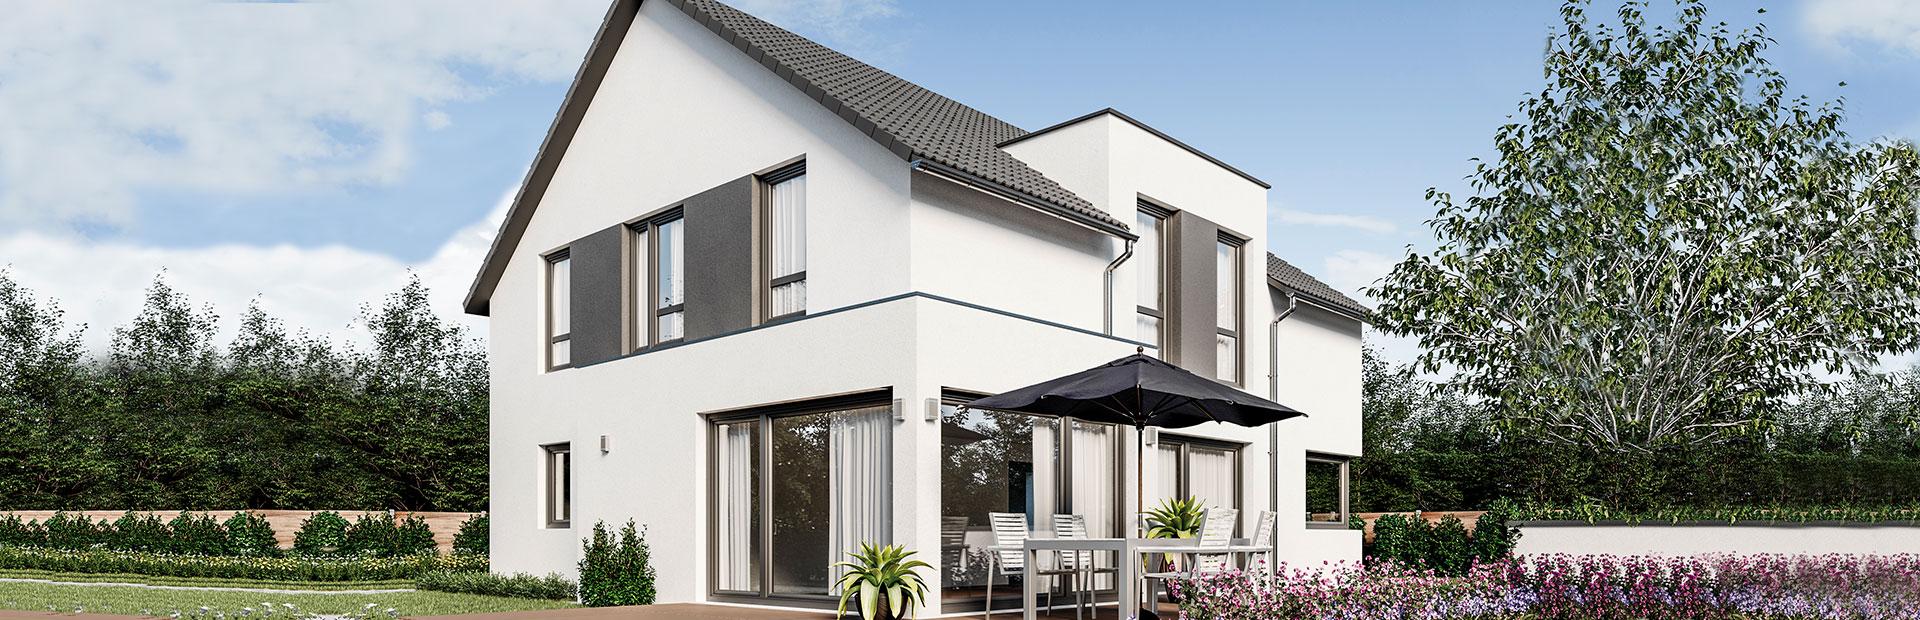 Einfamilienhaus mit Flachbau bauen